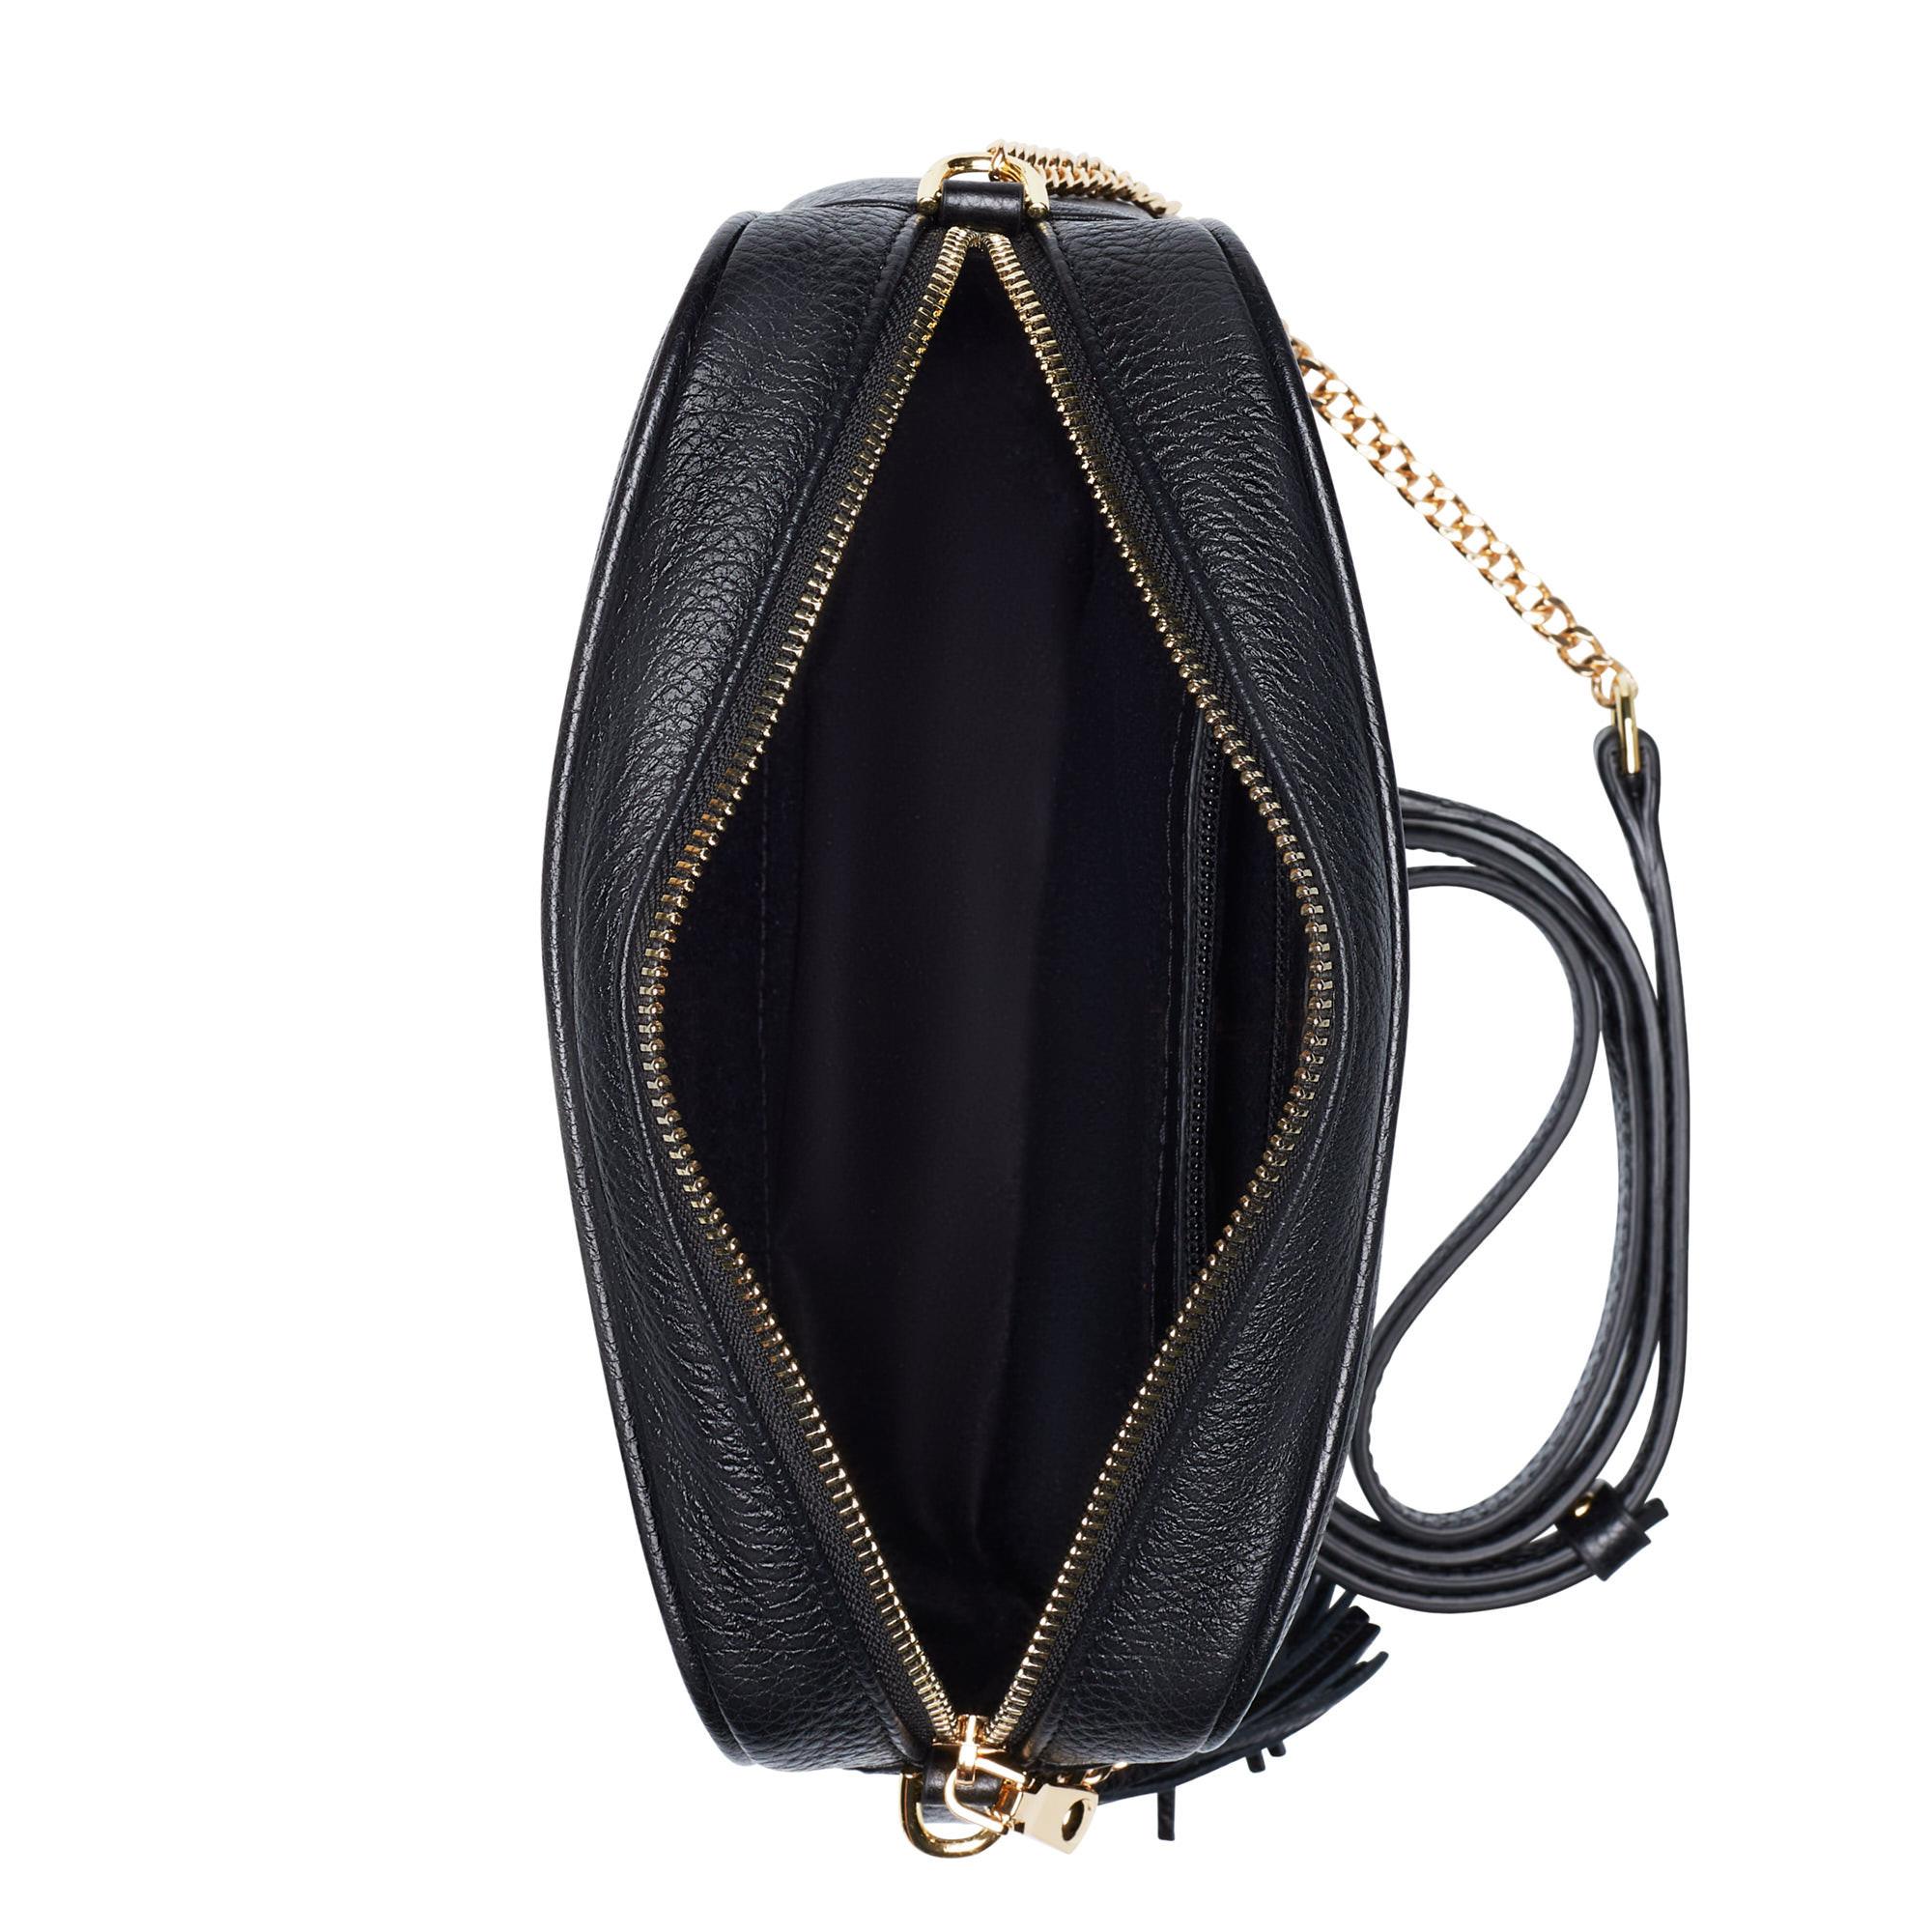 Isabel Bernard Honoré Lucie svart läder crossbody väska i kalvläder